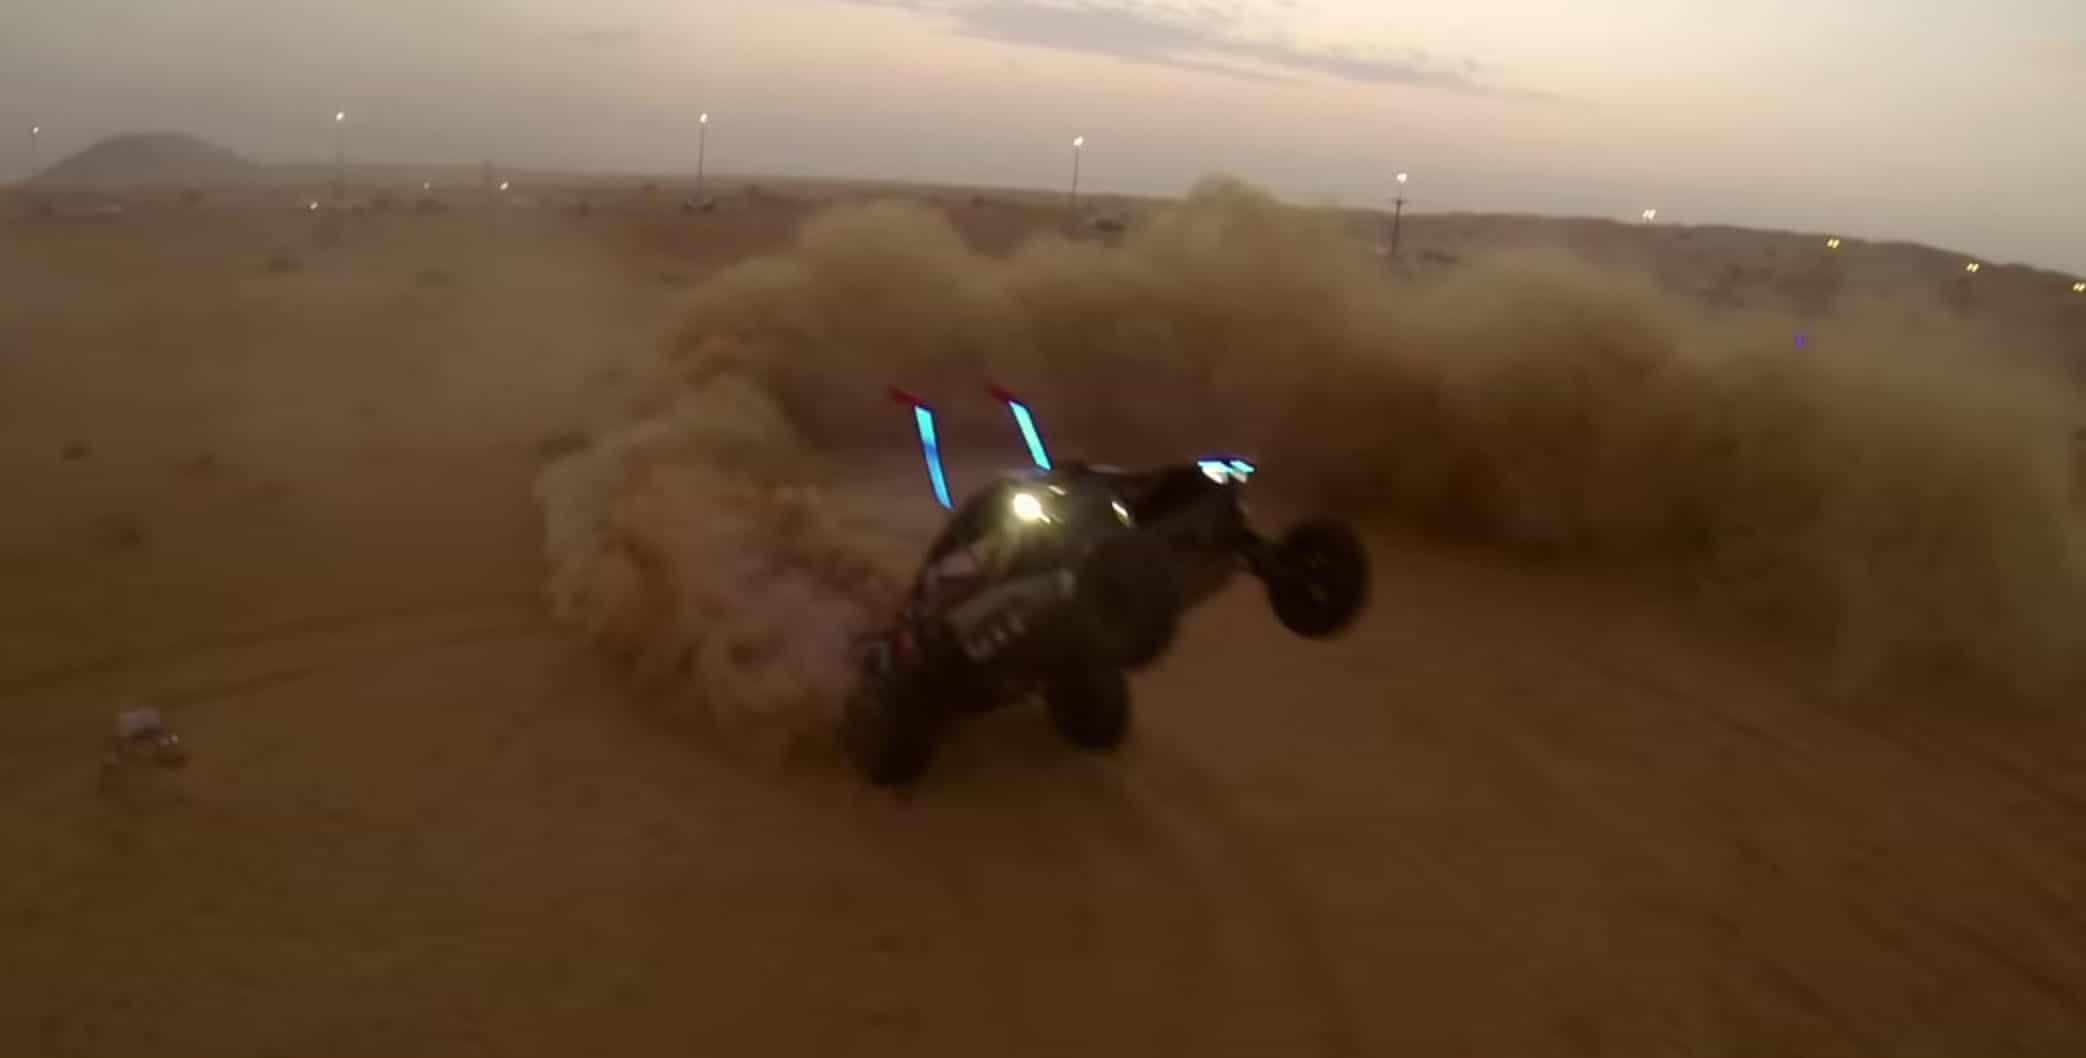 dune buggy flipping in desert